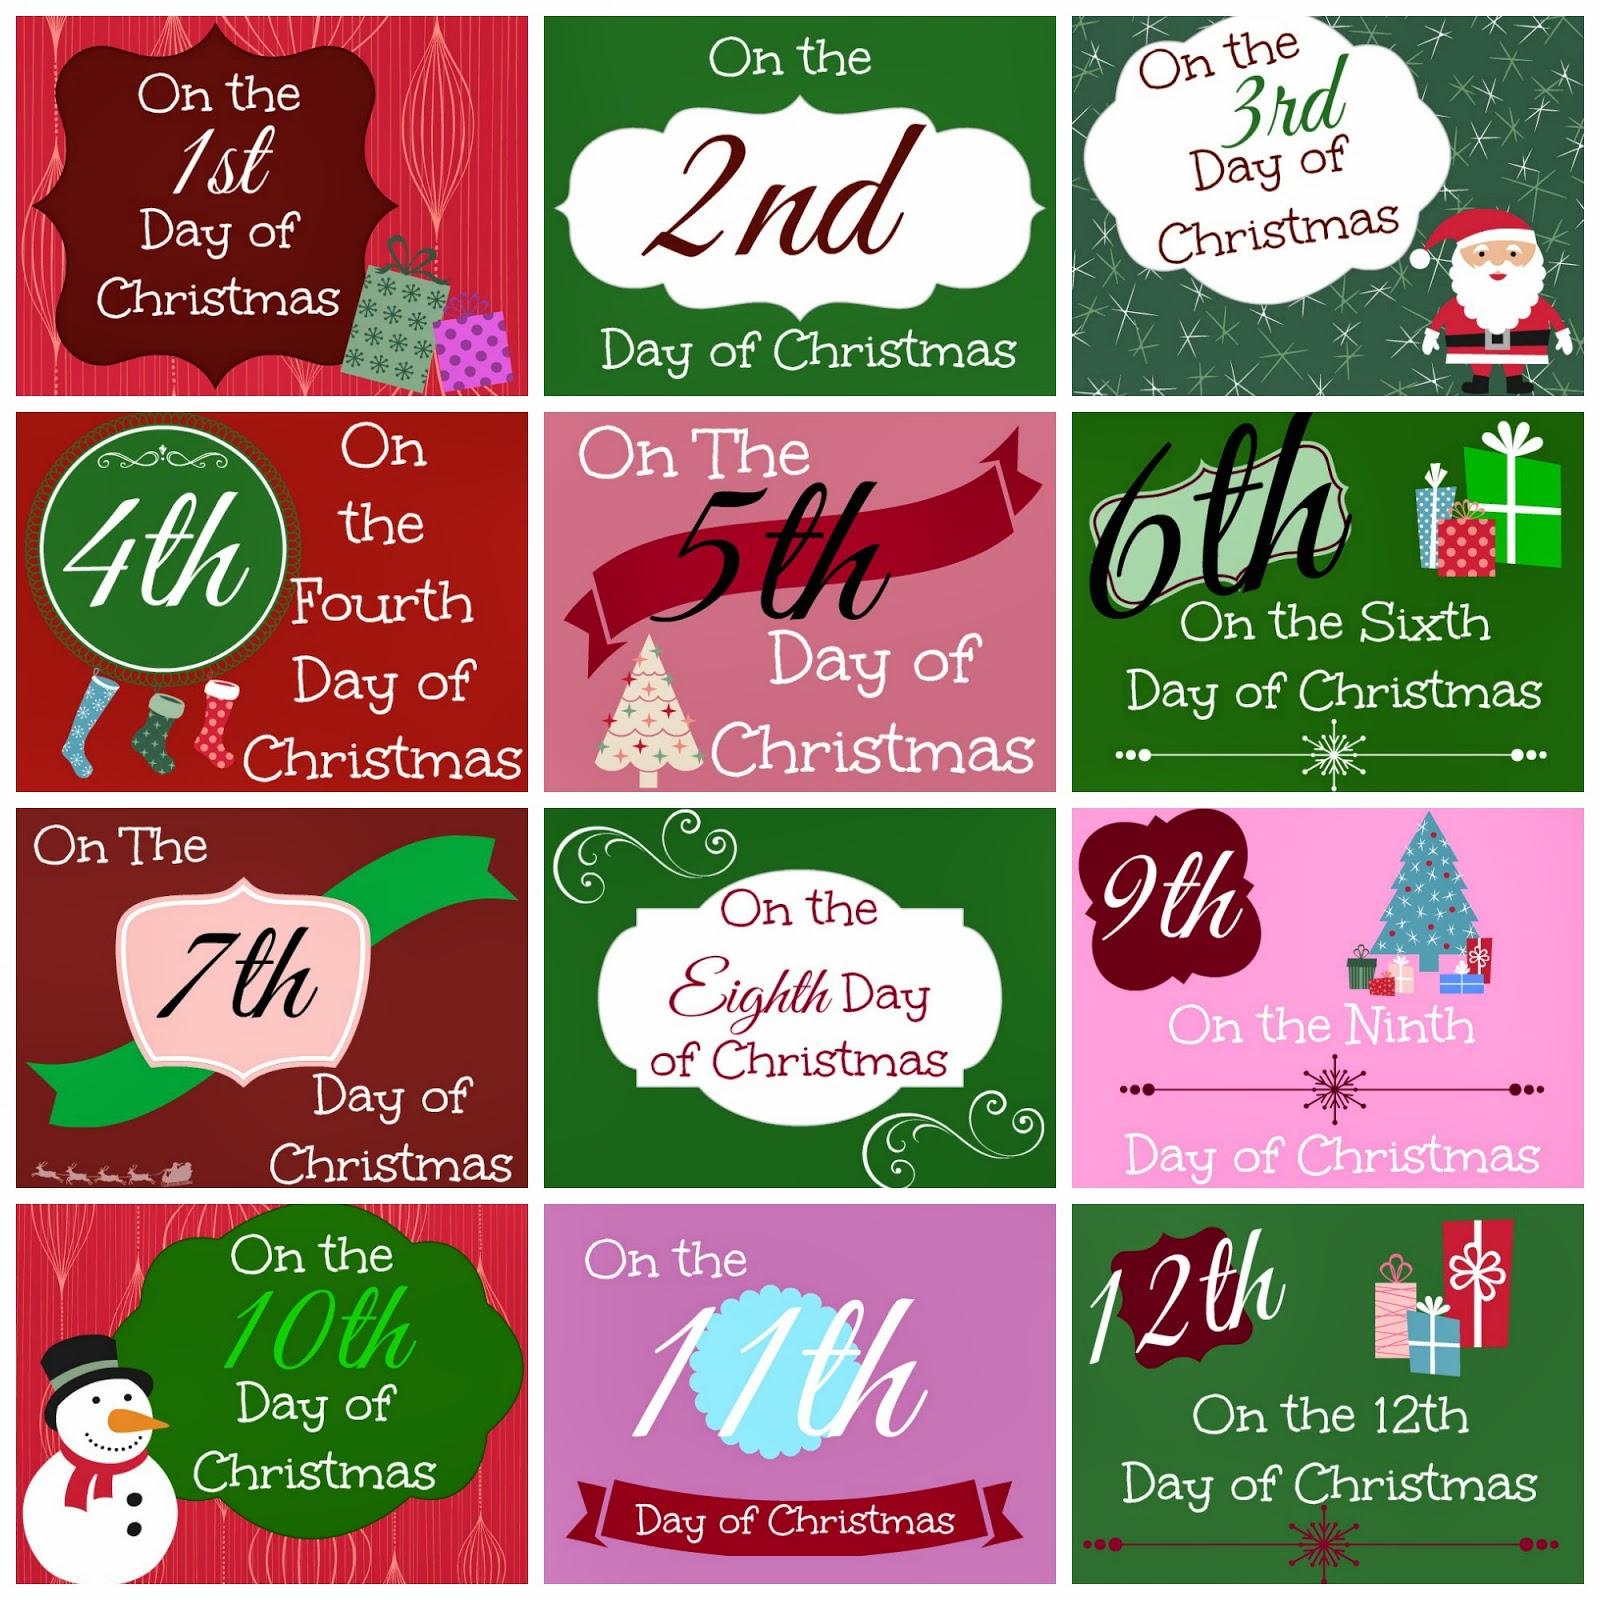 12 Days Of Christmas Printable Tags - Busy Moms Helper - Free Printable 12 Days Of Christmas Gift Tags